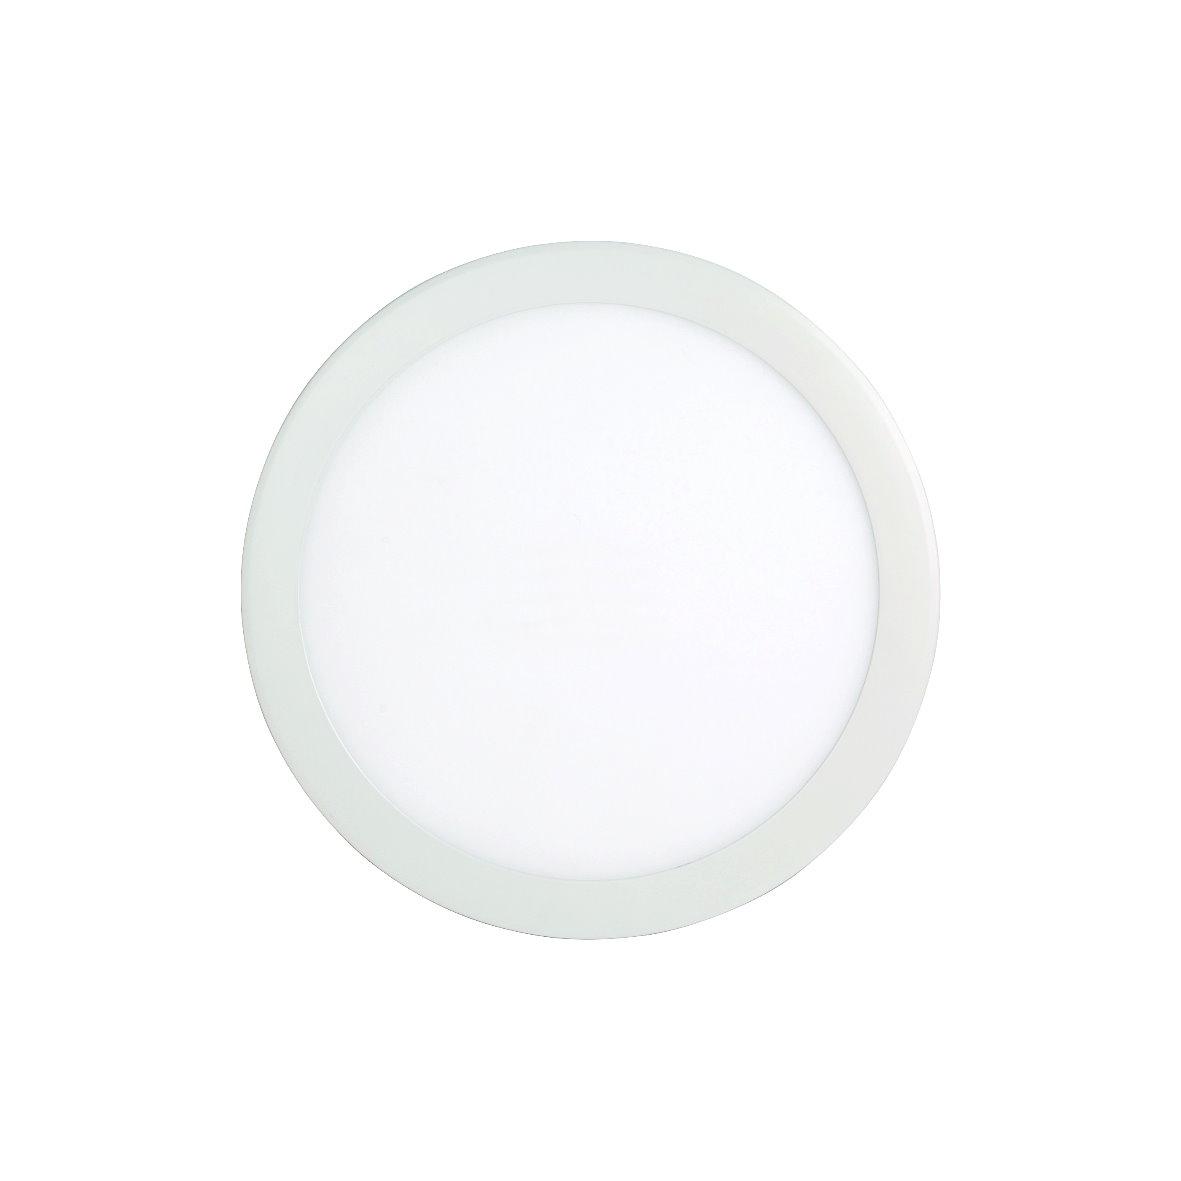 Led smd panel ultraslim slim leuchte rund alu flach for Led deckenleuchte rund flach